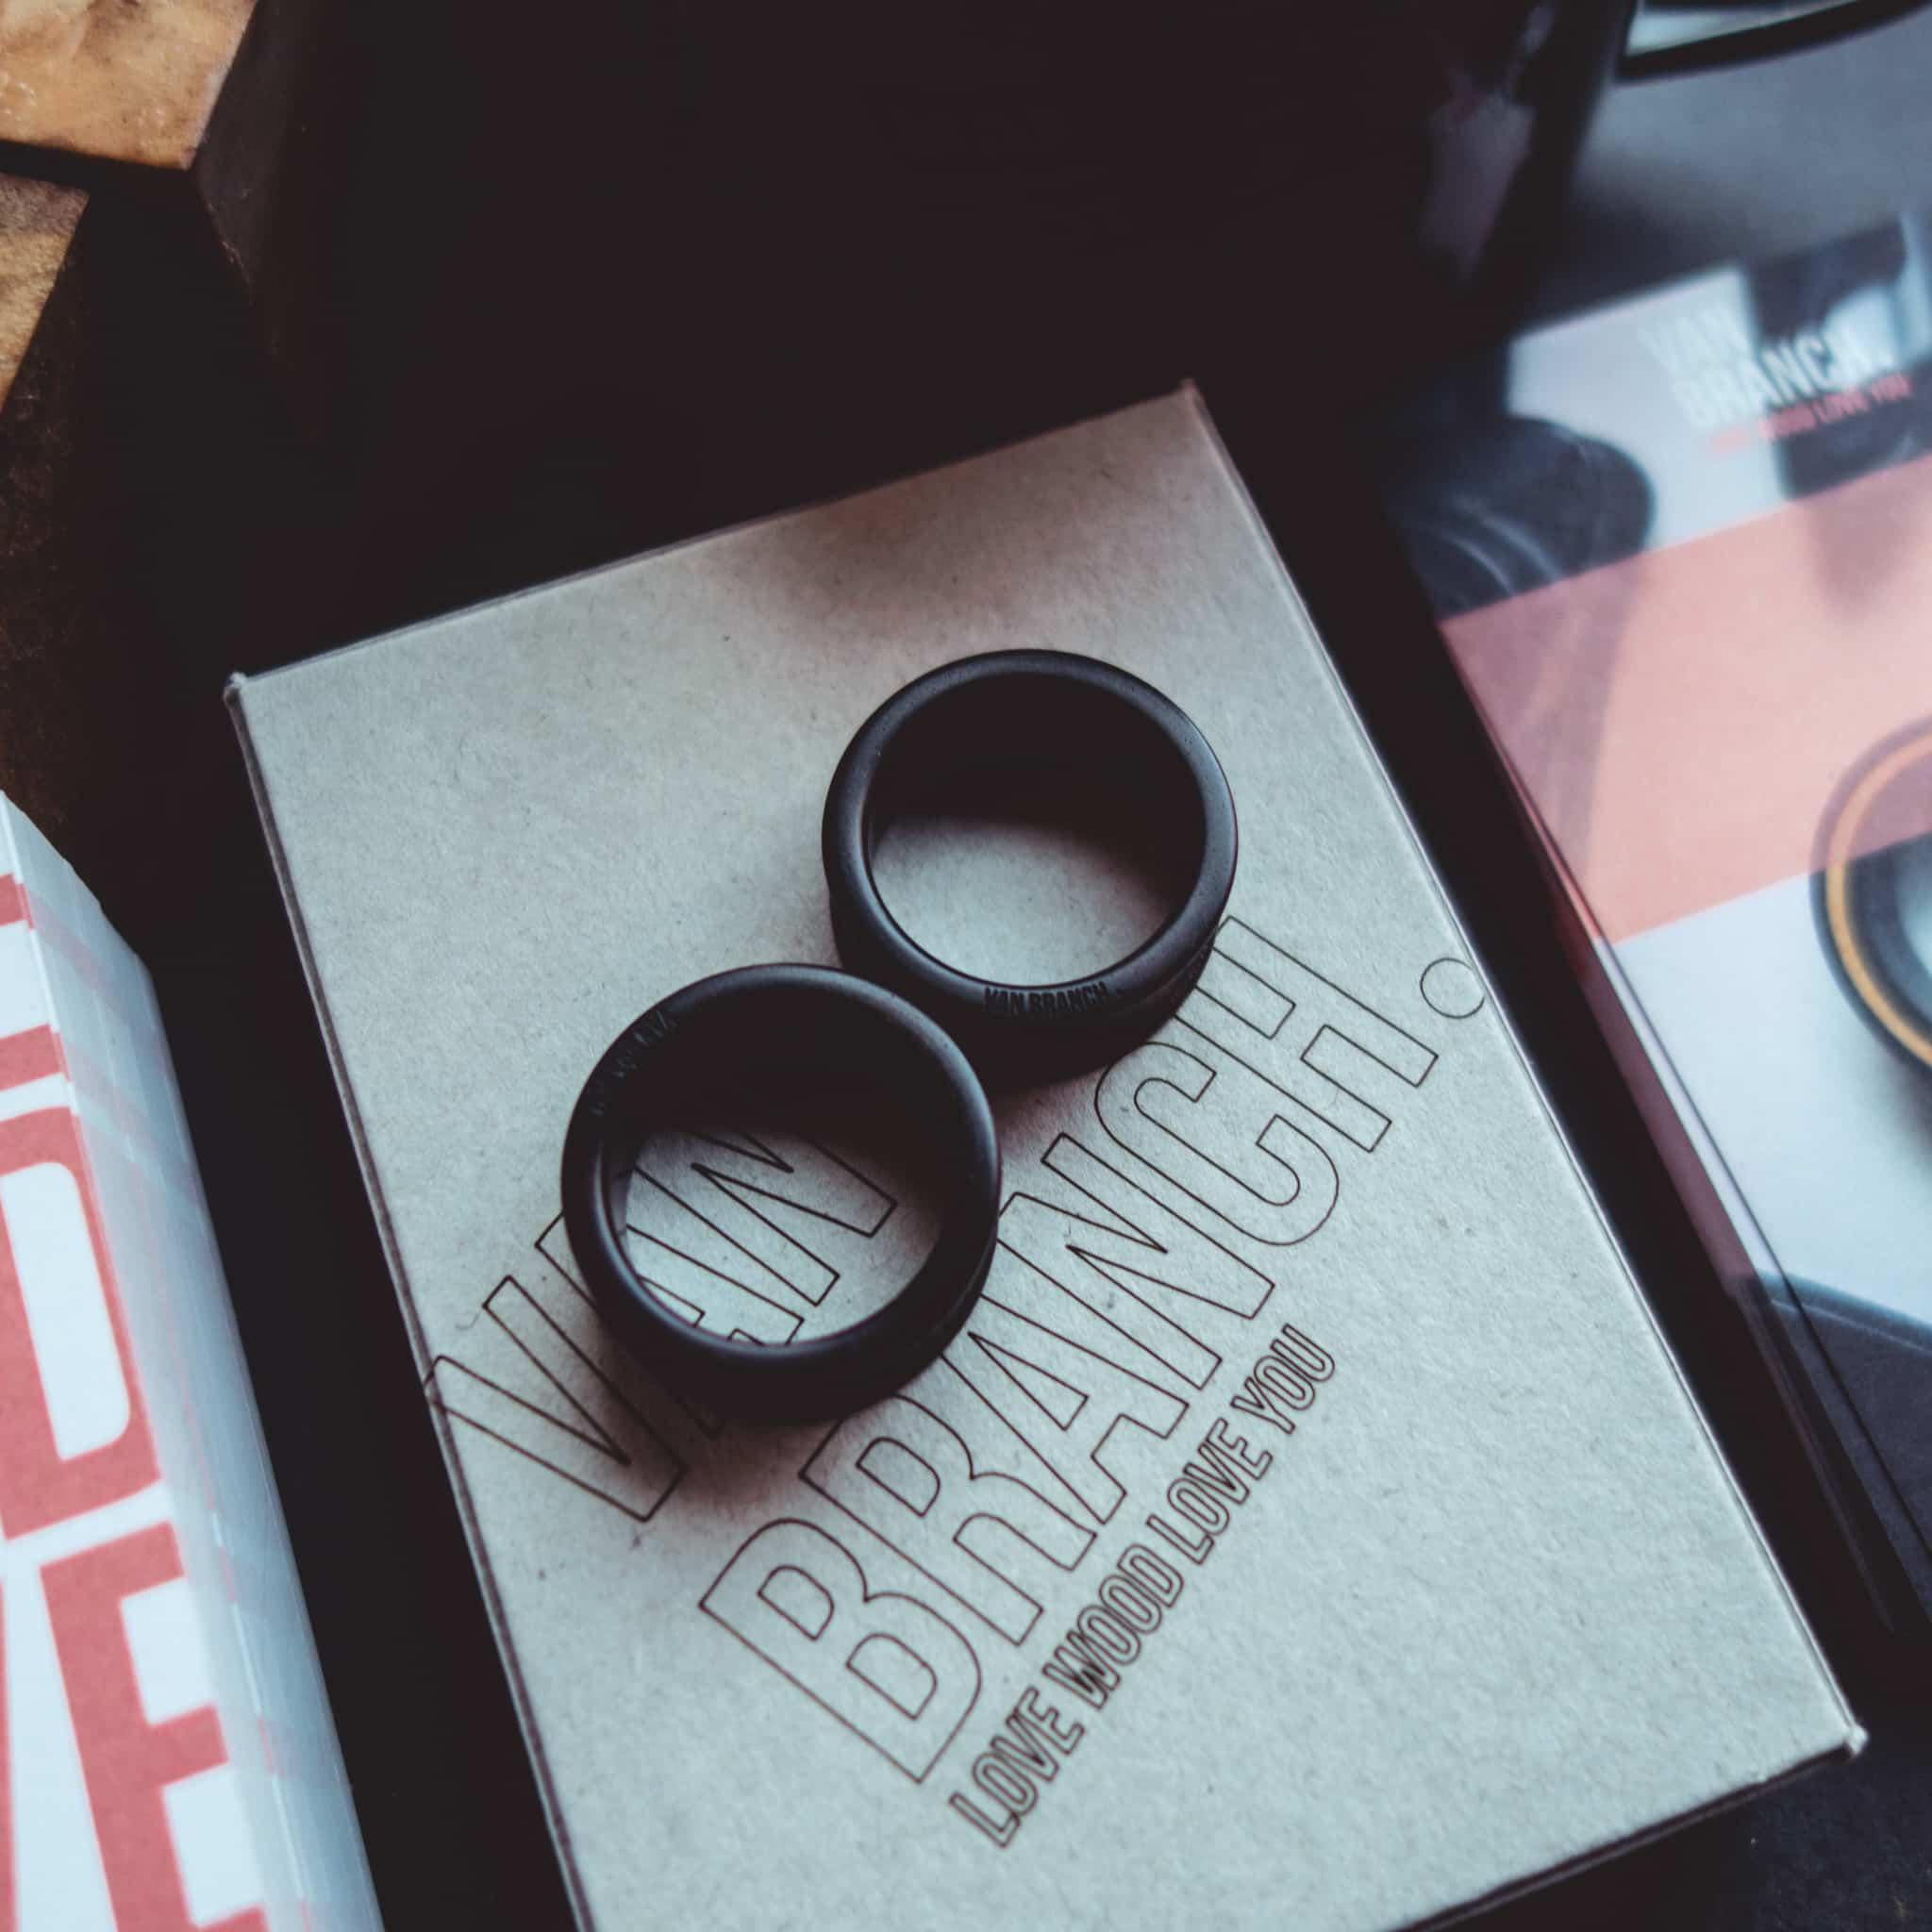 Handgefertigte 24mm Ohr plugs-tunnels aus Ebenholz mit individueller Gravur